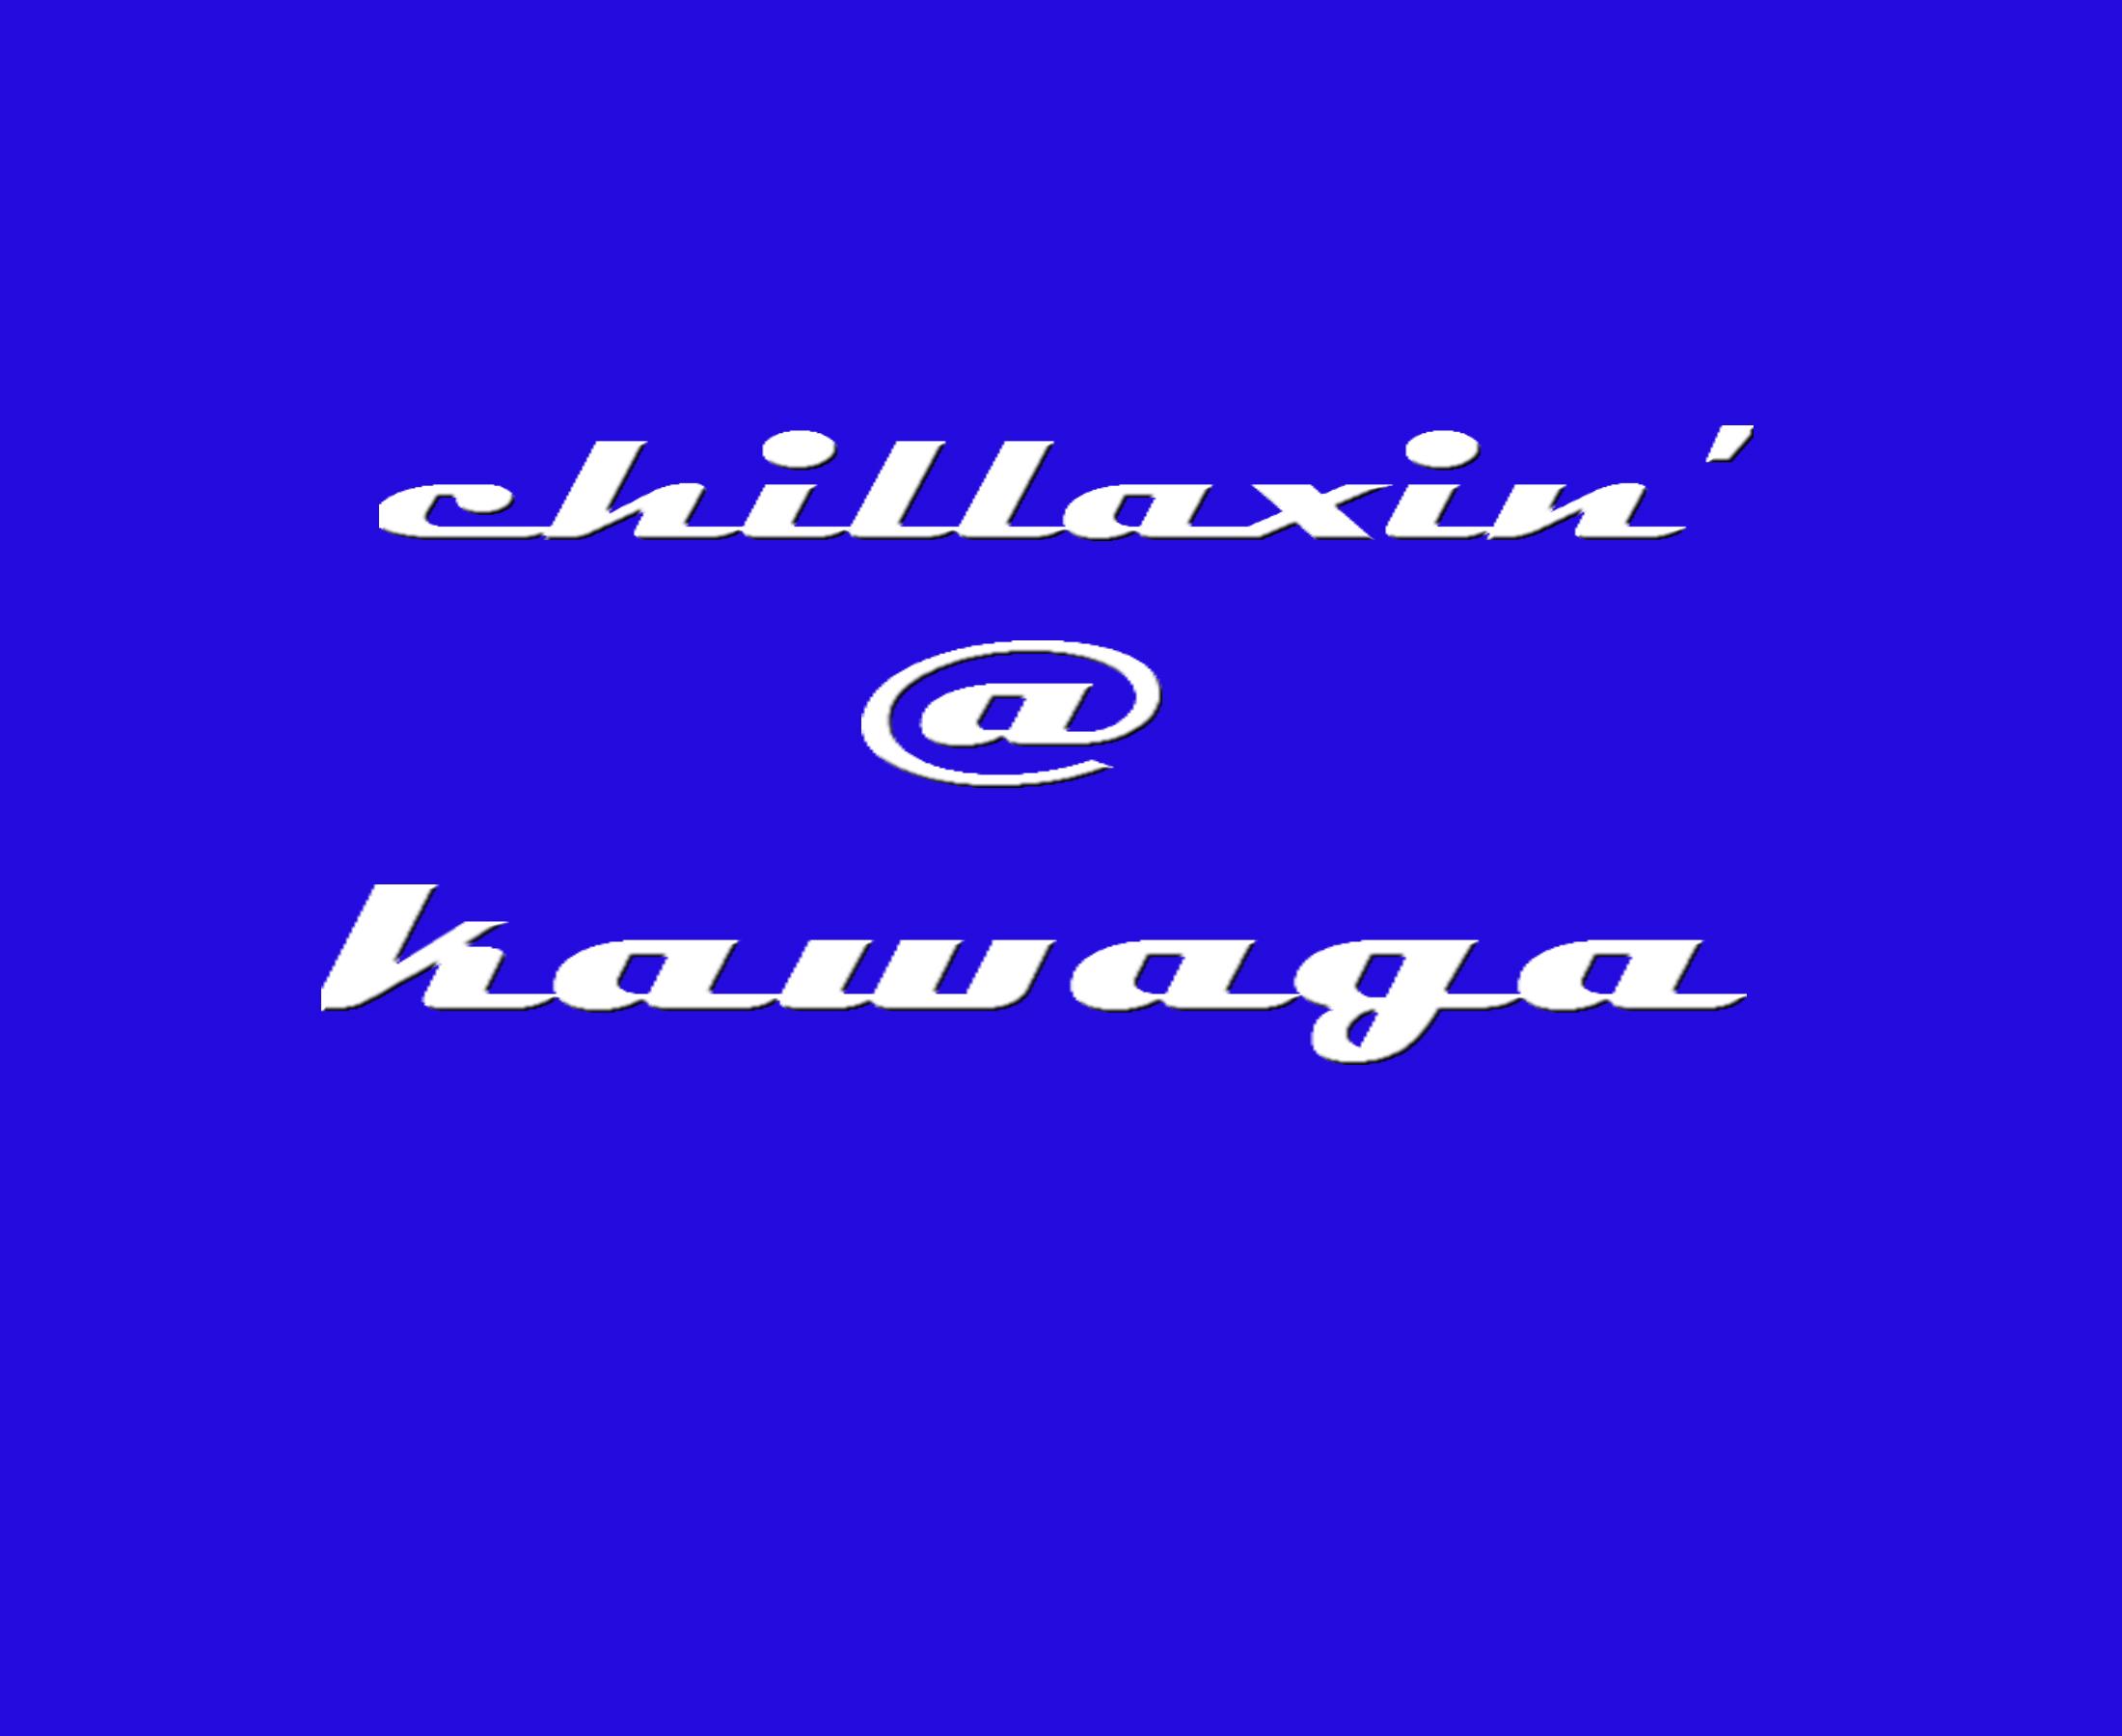 CHILLAXIN' AT KAWAGA